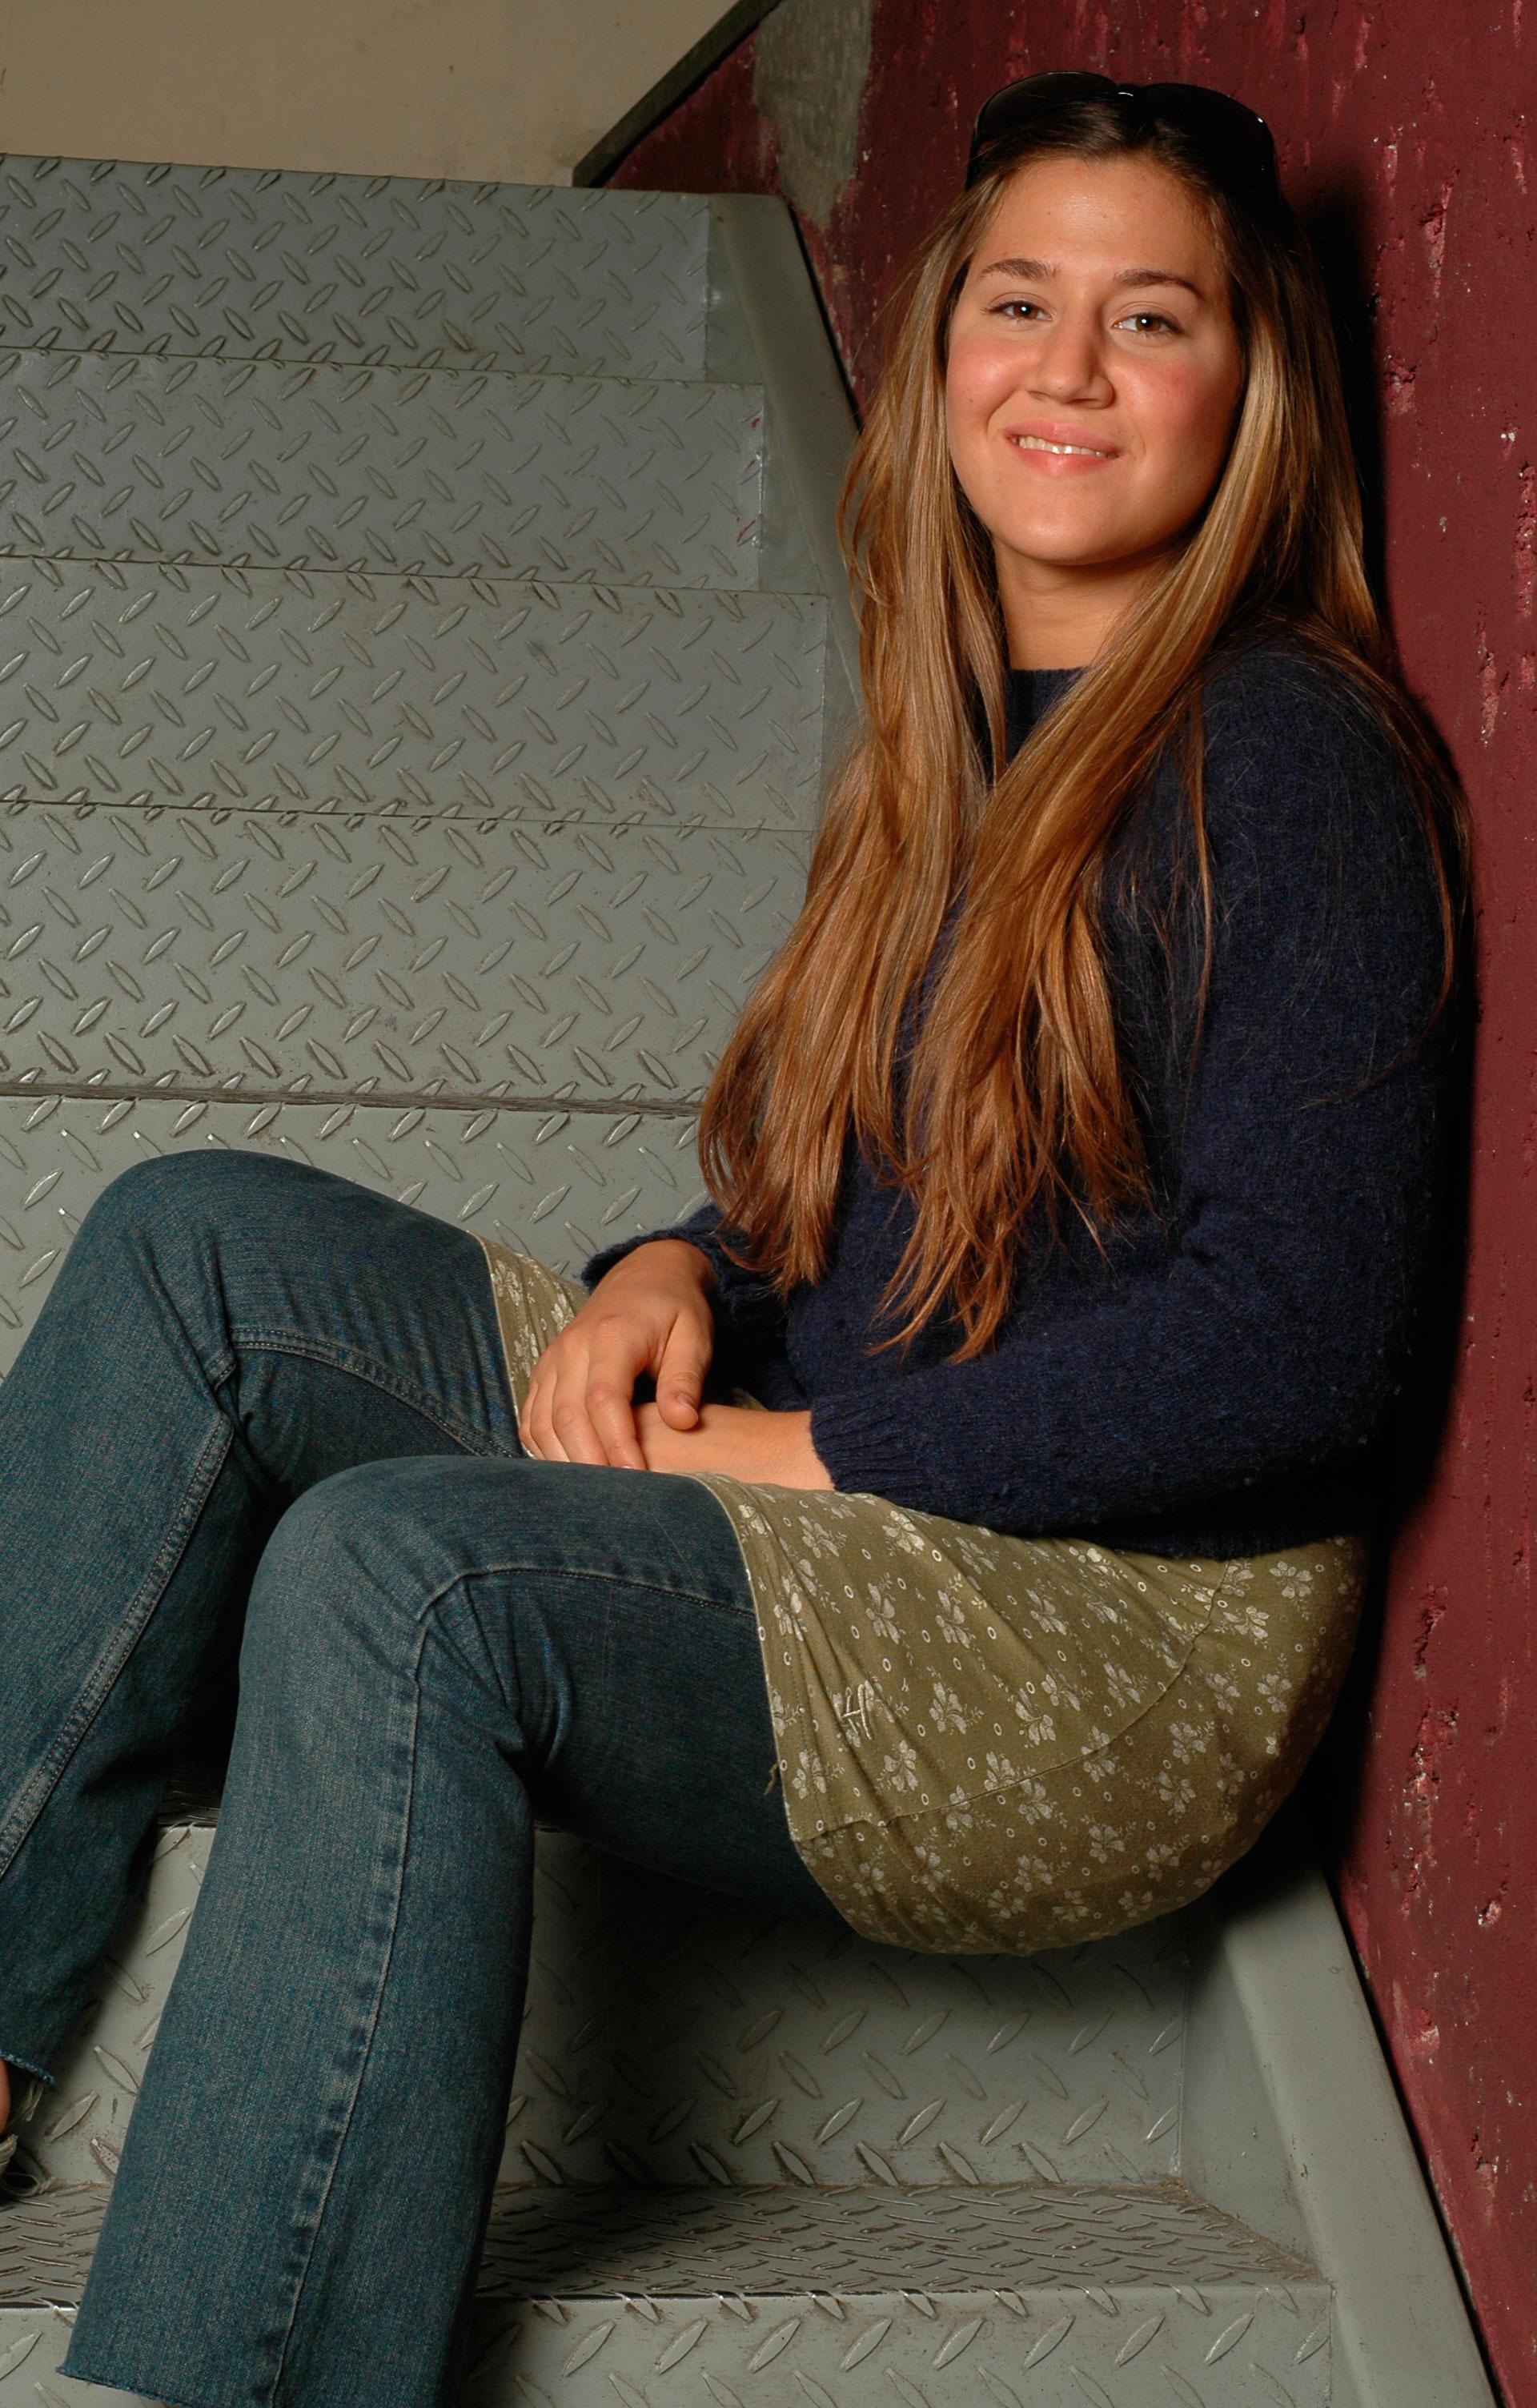 Año 2004, con el pelo mucho más largo y claro. Foto: Archivo Atlántida Televisa